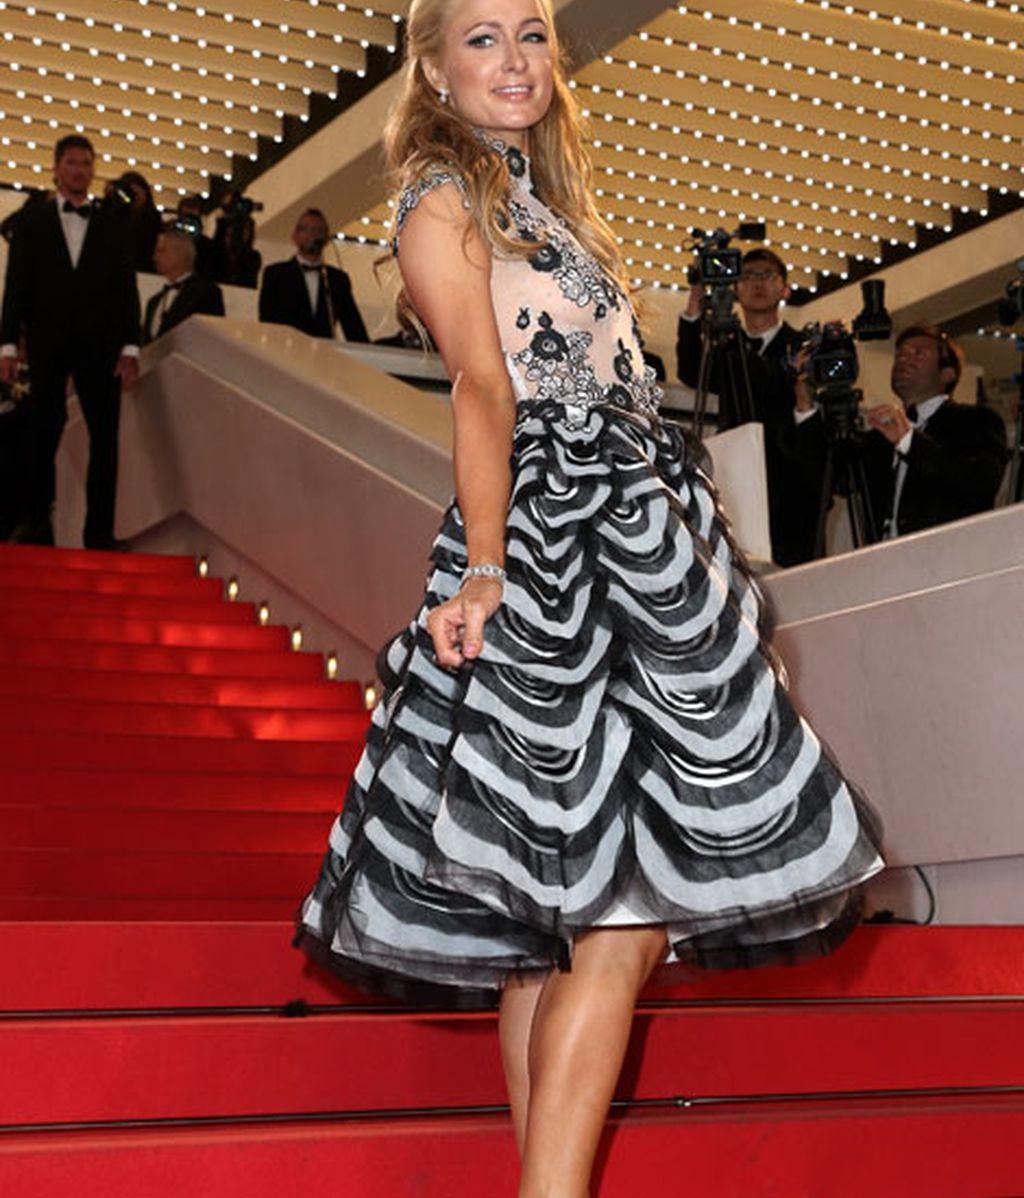 La omnipresente Paris Hilton también se ha dejado ver por la alfombra roja